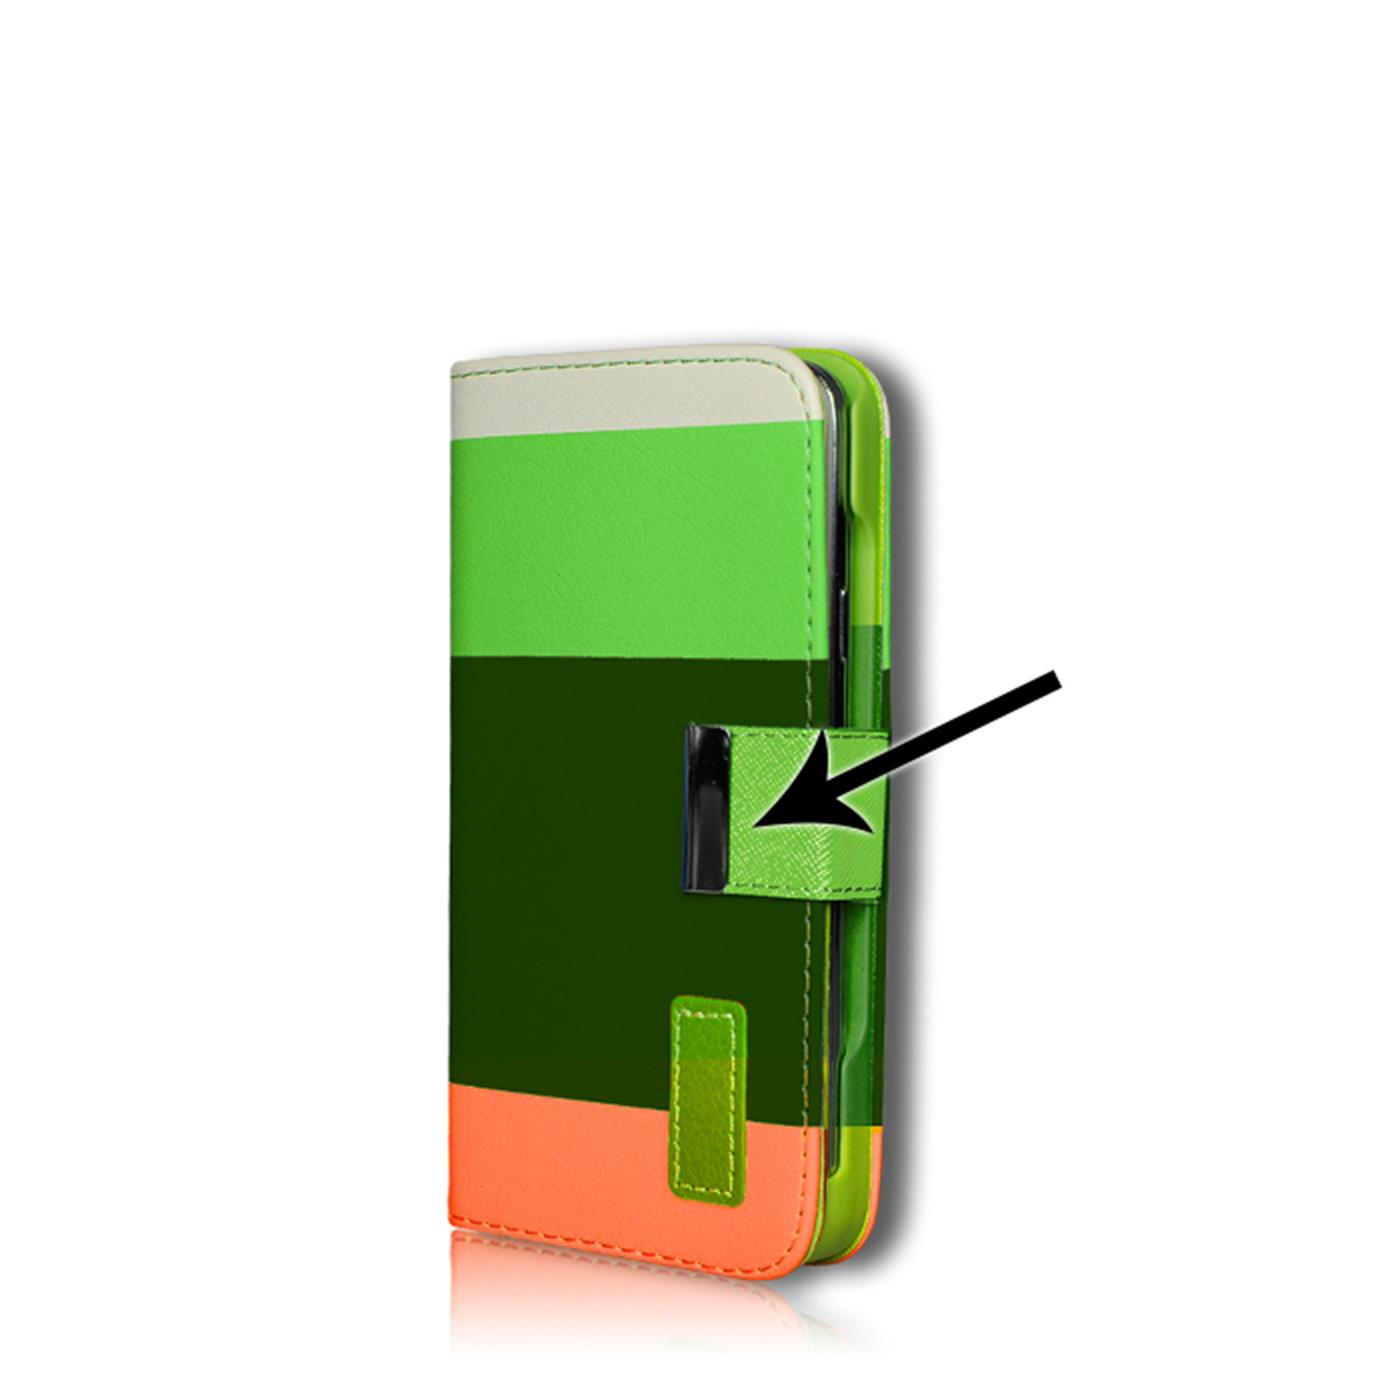 Wallet-Huelle-Samsung-Galaxy-s6-Case-Magnetic-Flip-PU-Leder-Halter-Huelle-Bag Indexbild 10